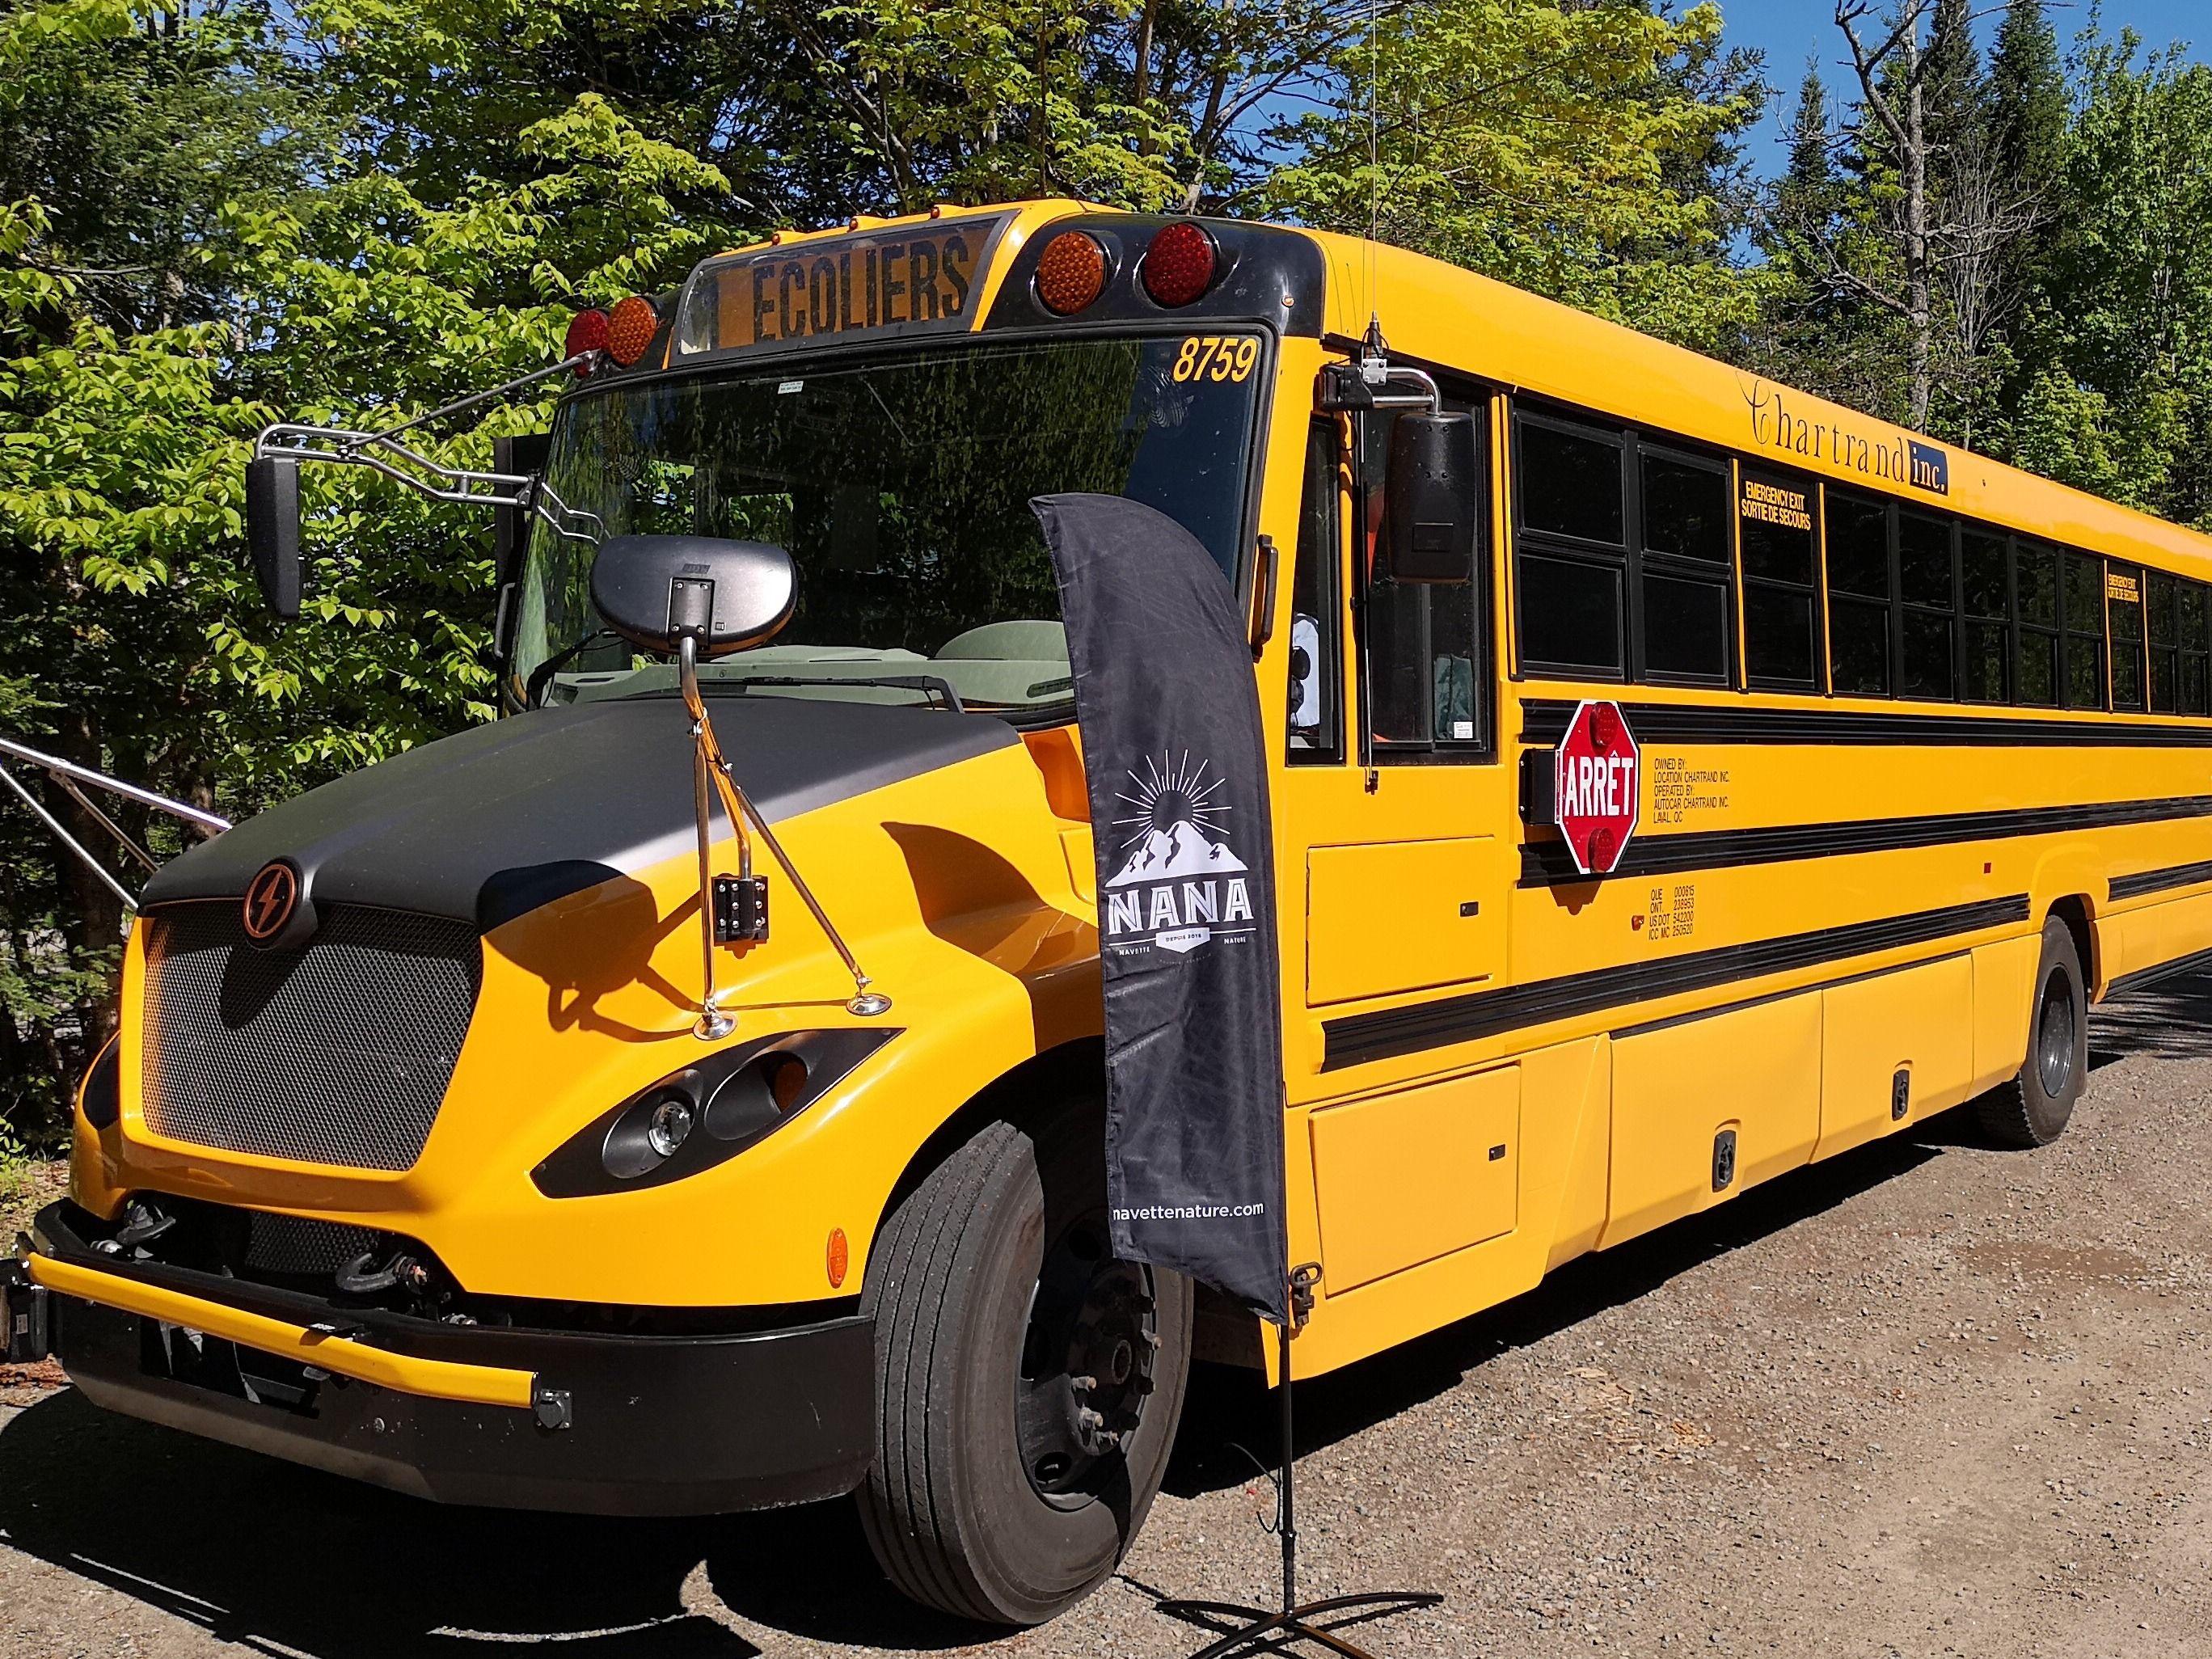 nana-navette-nature-bus-mont-tremblant